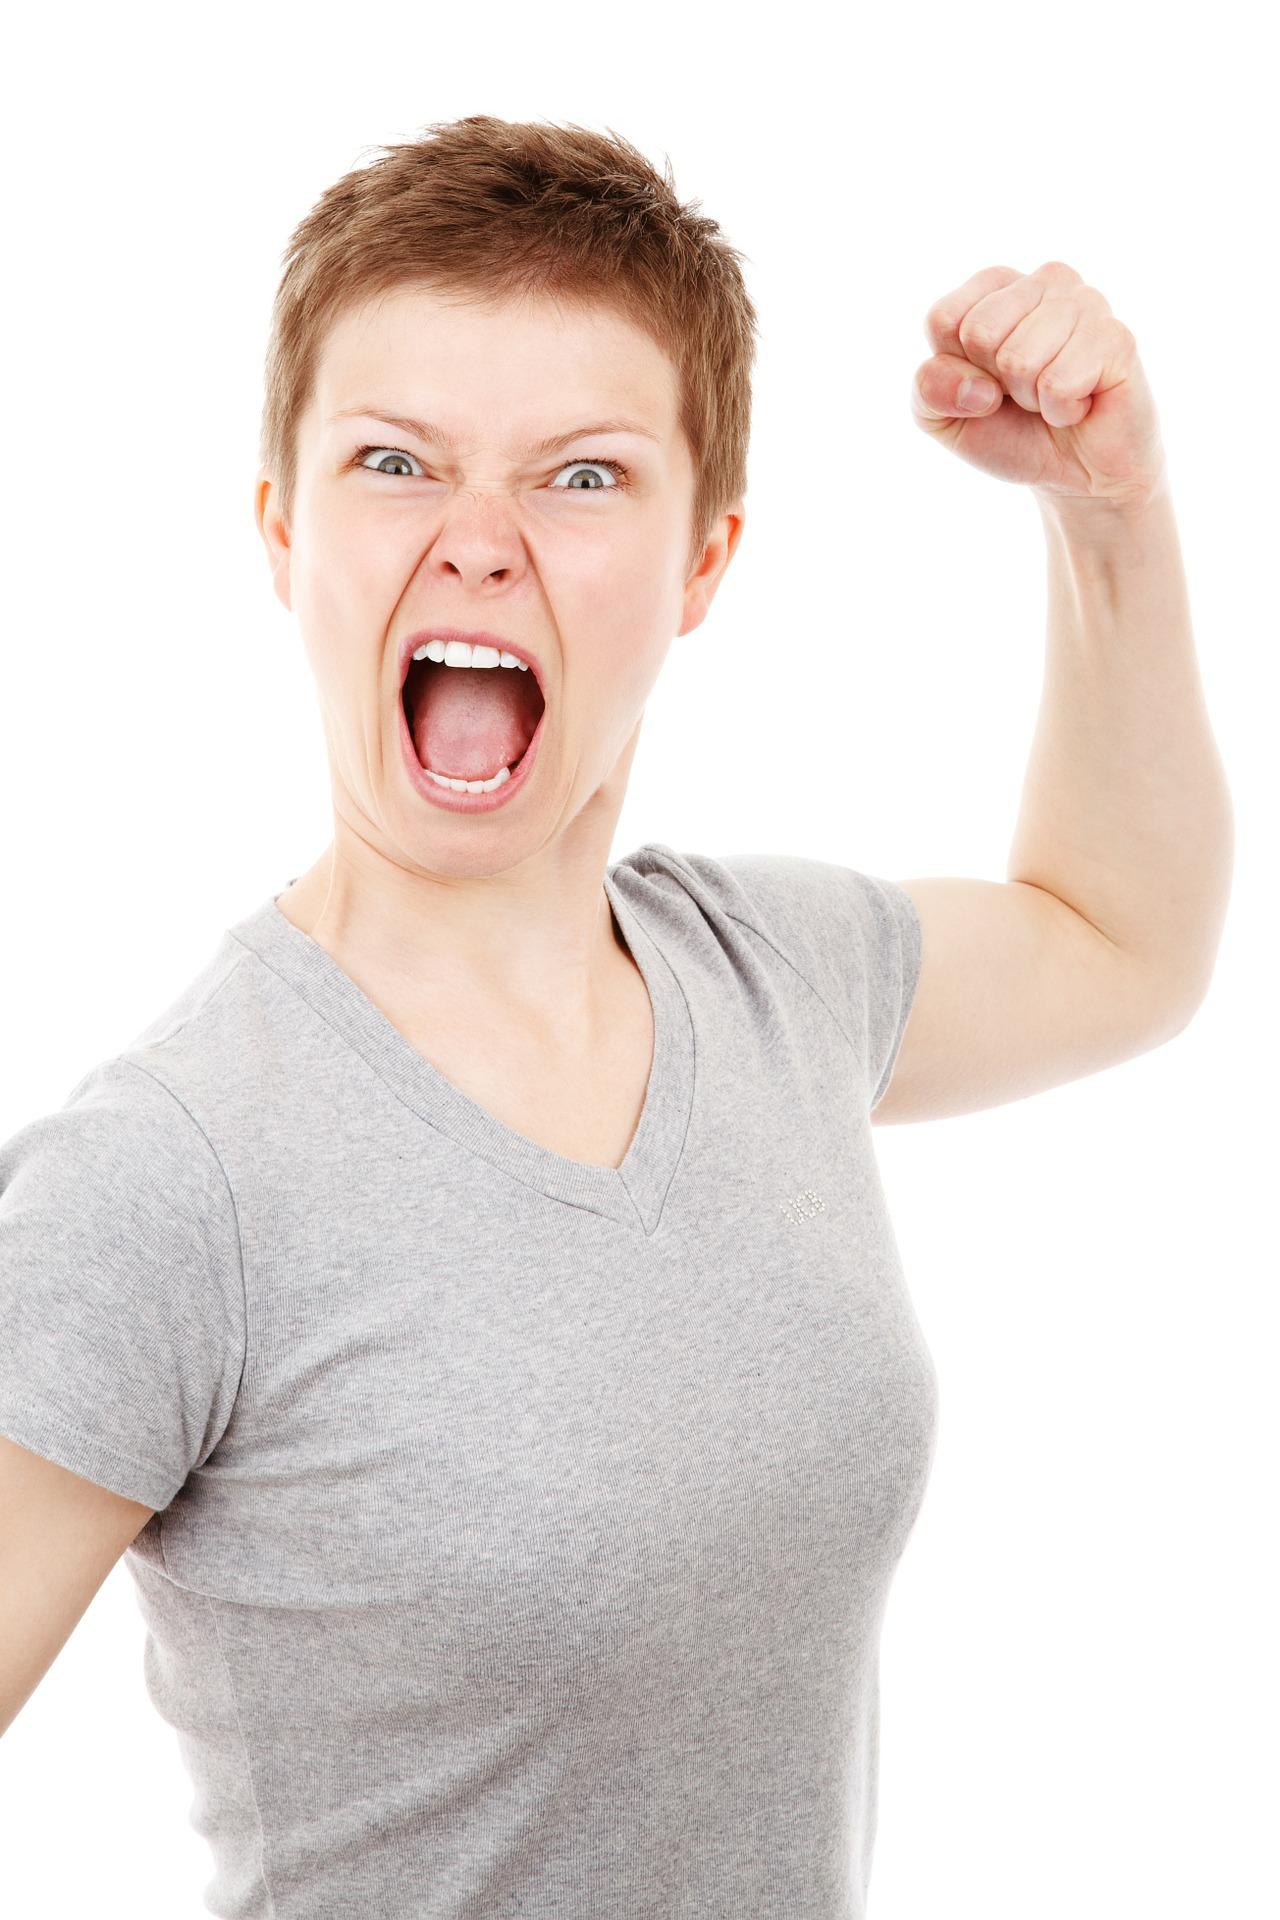 Emotionen Wut Ärger Schlagfertigkeit Kampf Sprachlos Präsentieren Zwischenrufe Einwände